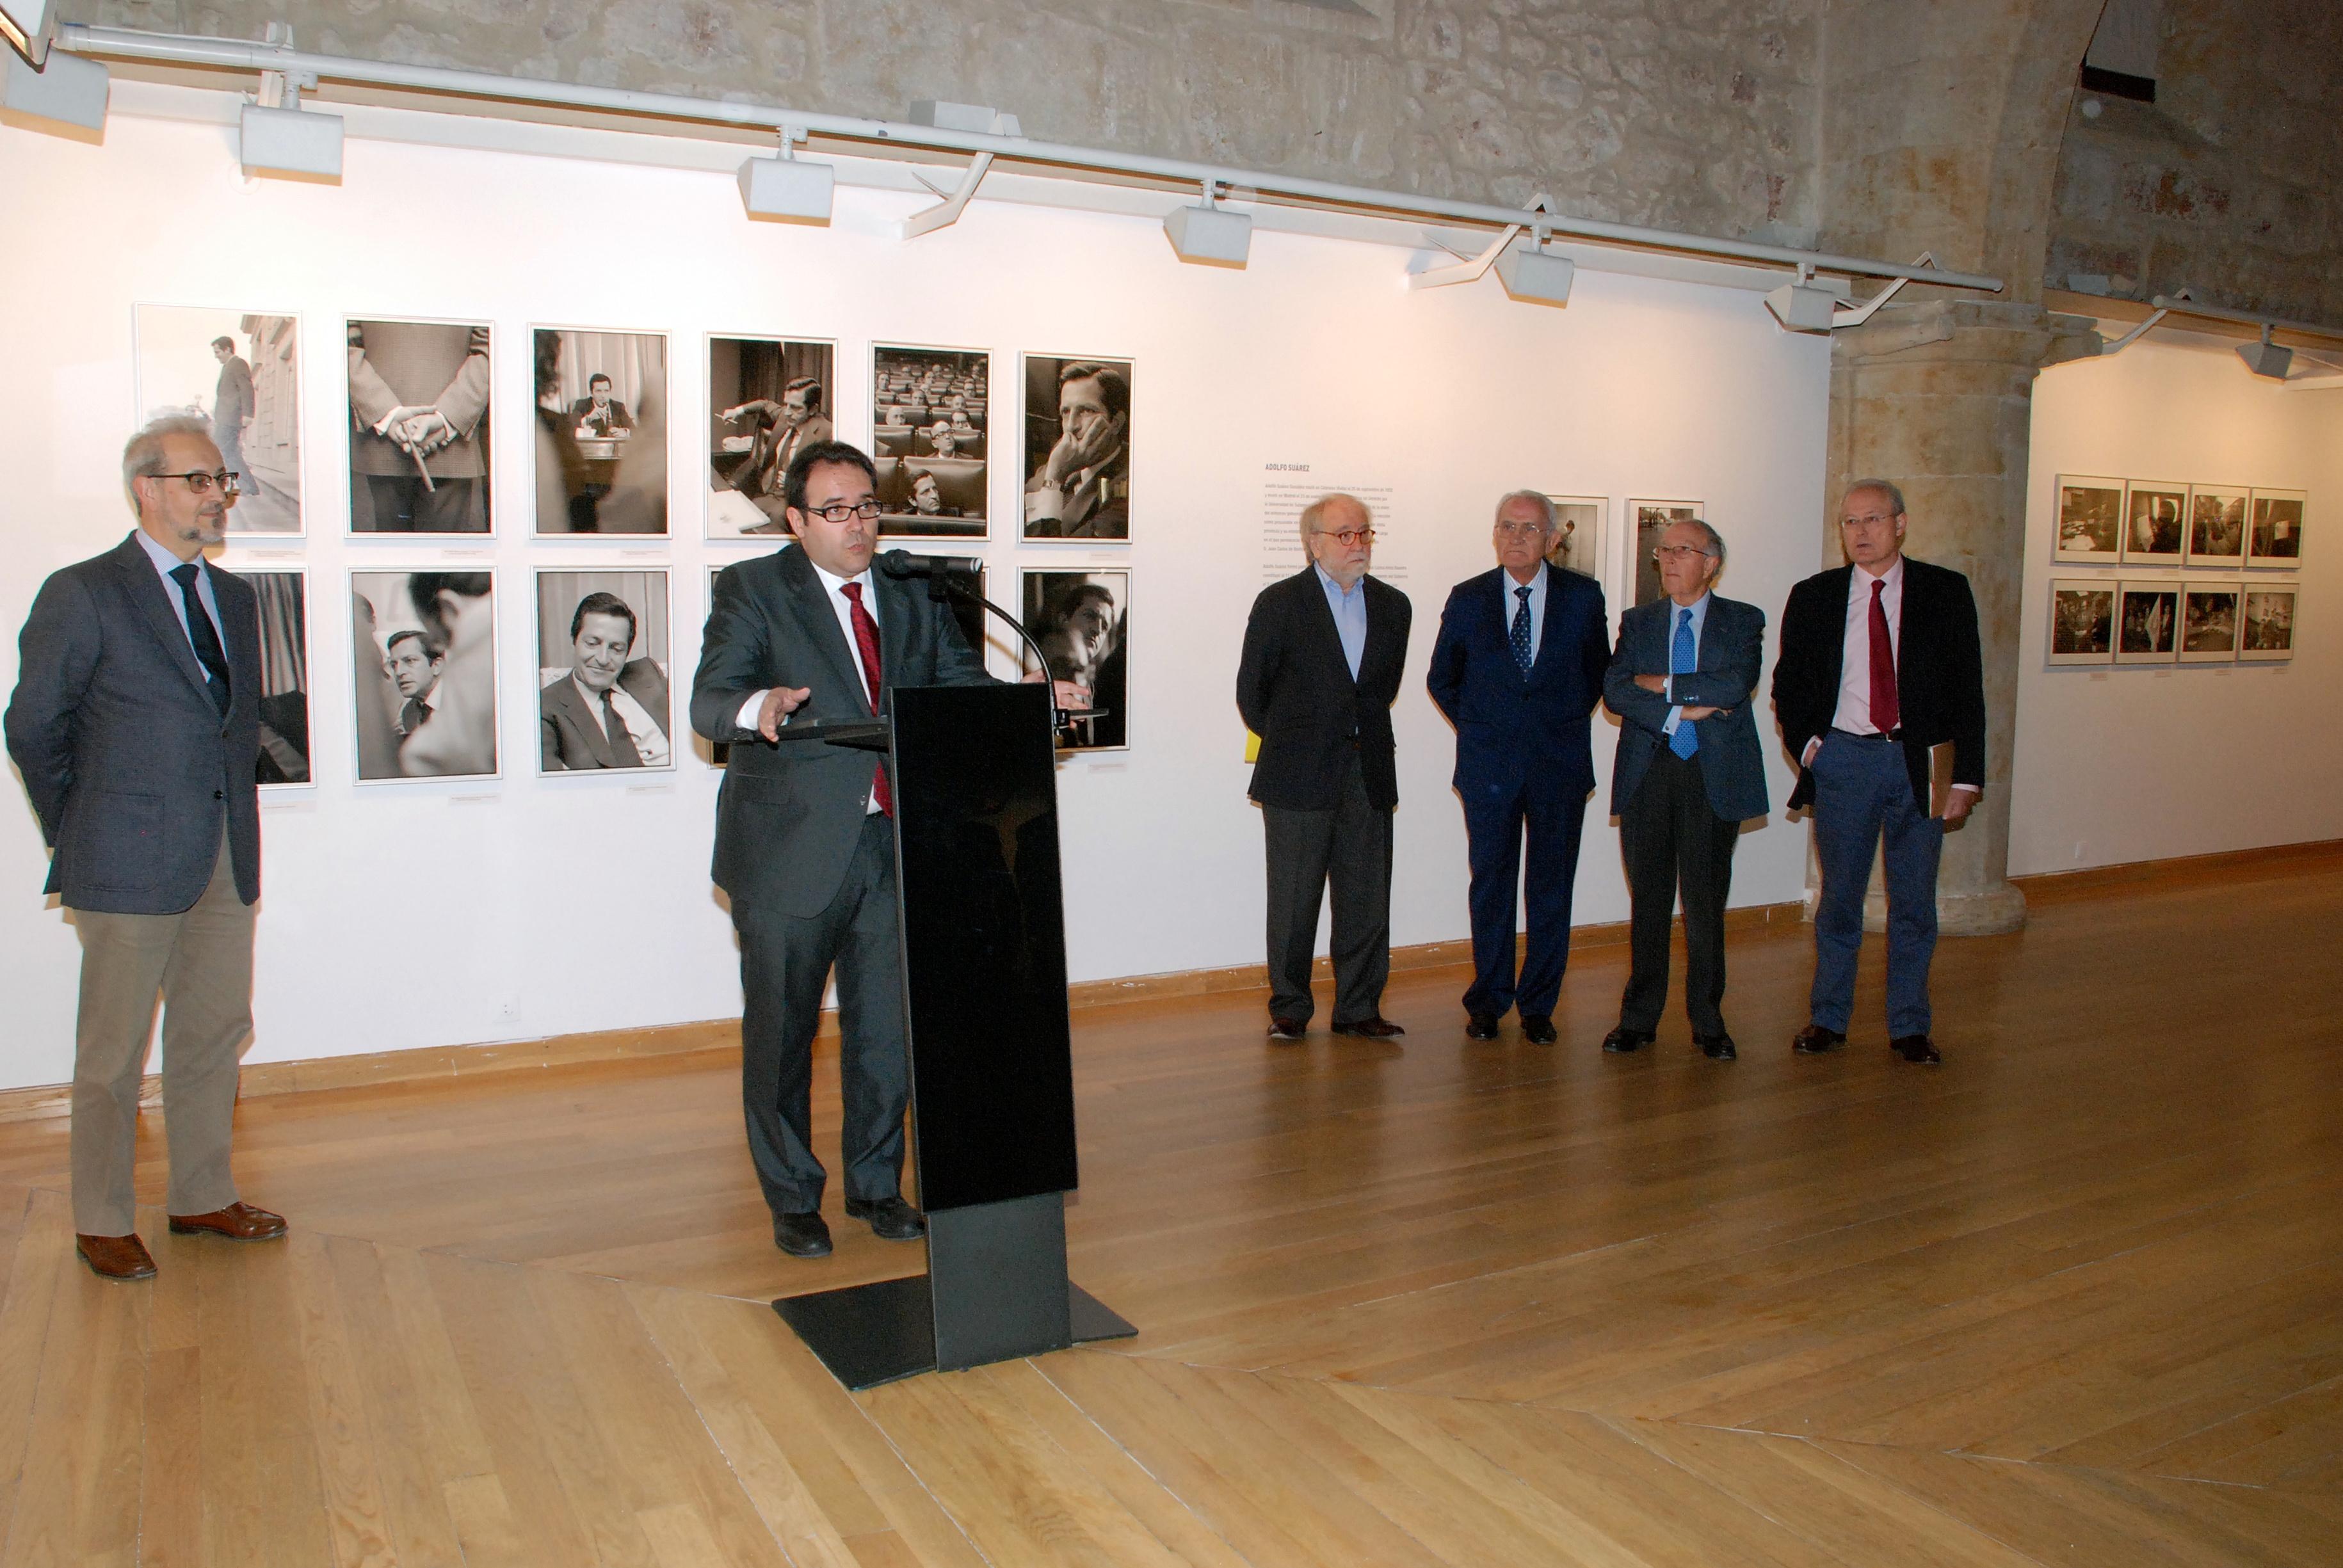 La Universidad de Salamanca tributa un homenaje a Adolfo Suárez con unas jornadas de estudio sobre su biografía política y su papel en la Transición a la democracia en España